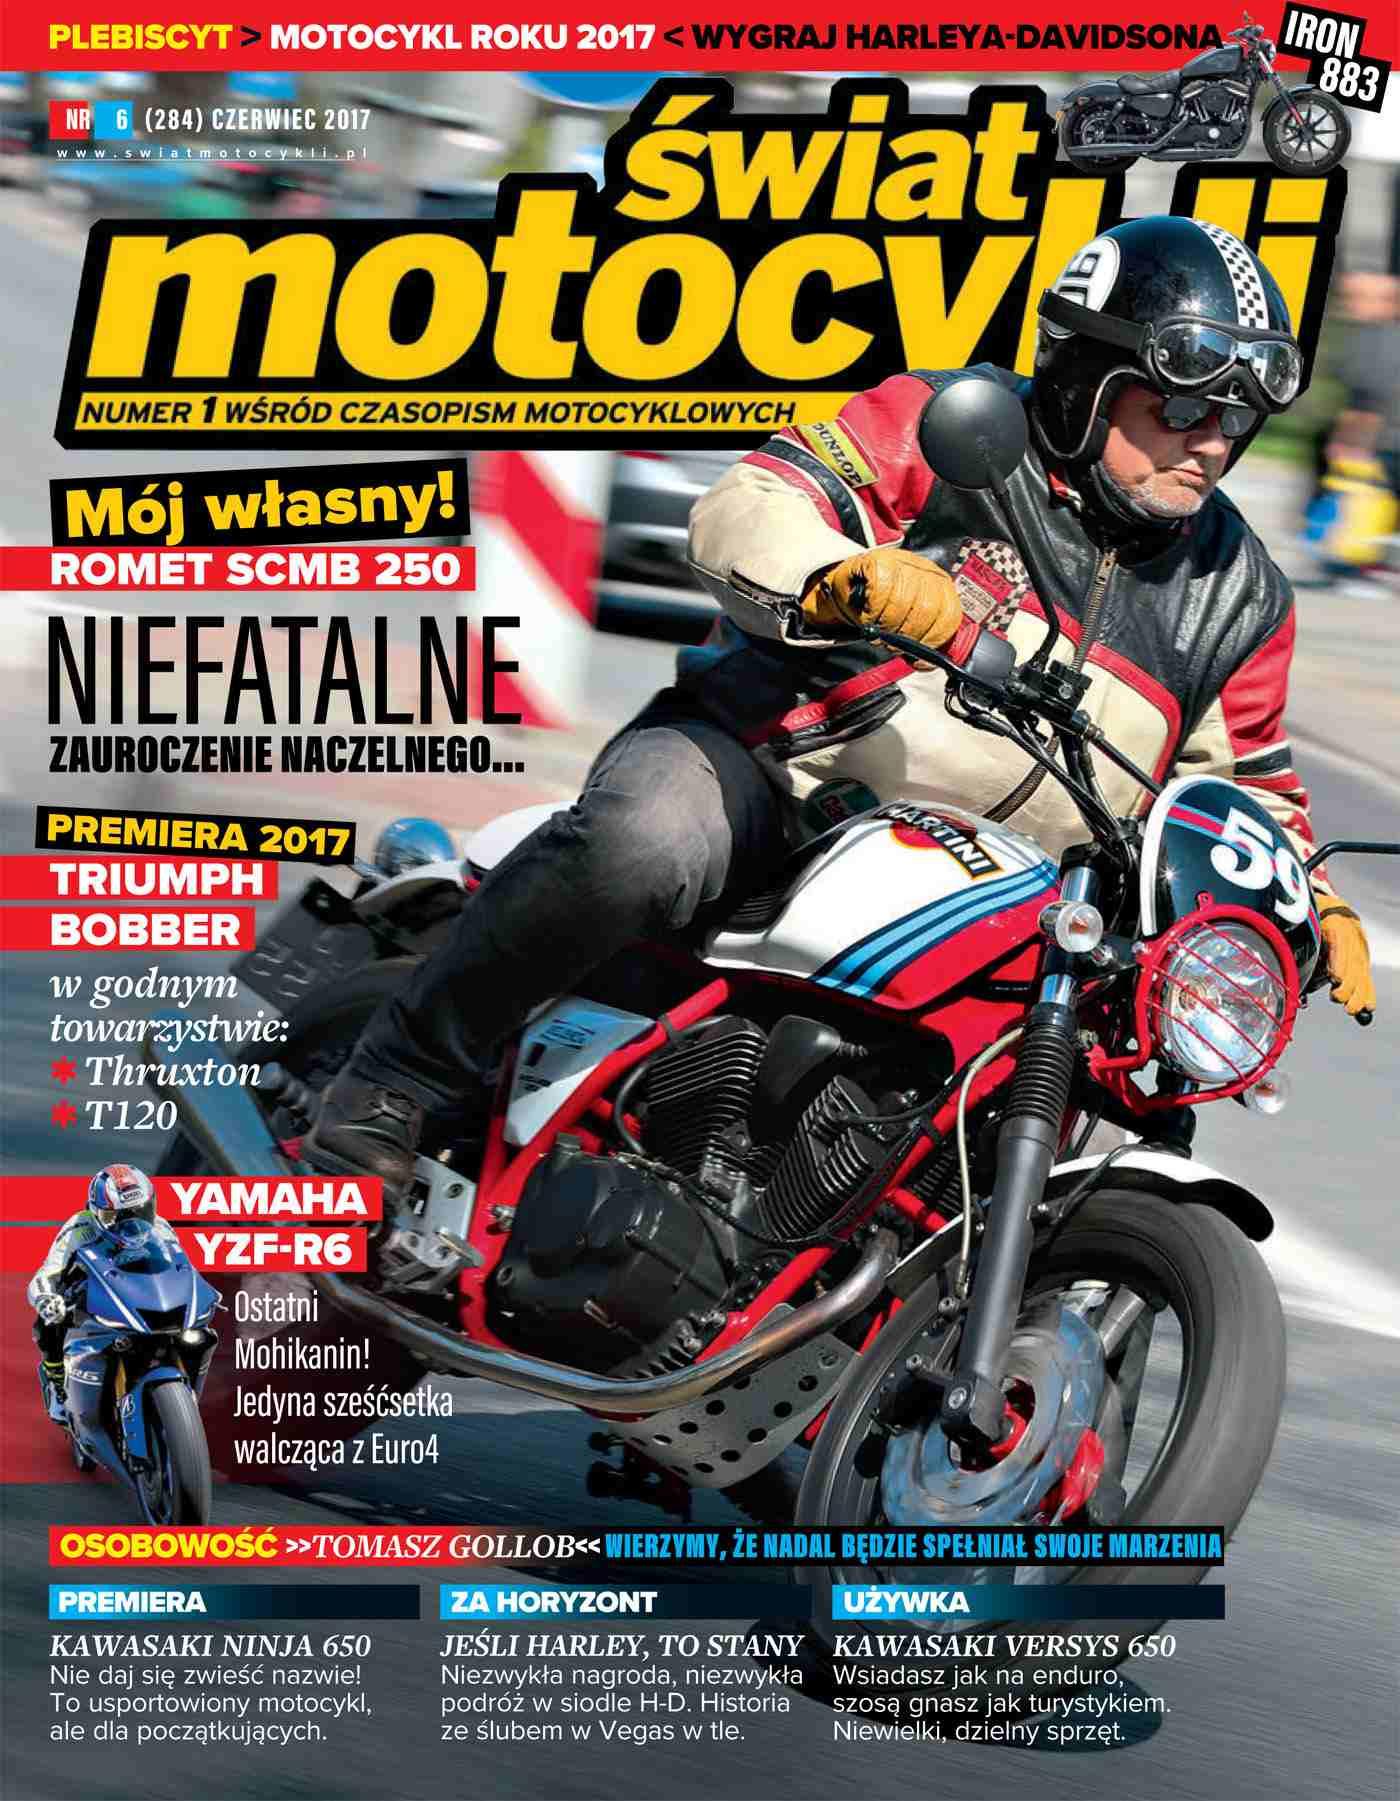 Świat Motocykli 6/2017 - Ebook (Książka PDF) do pobrania w formacie PDF